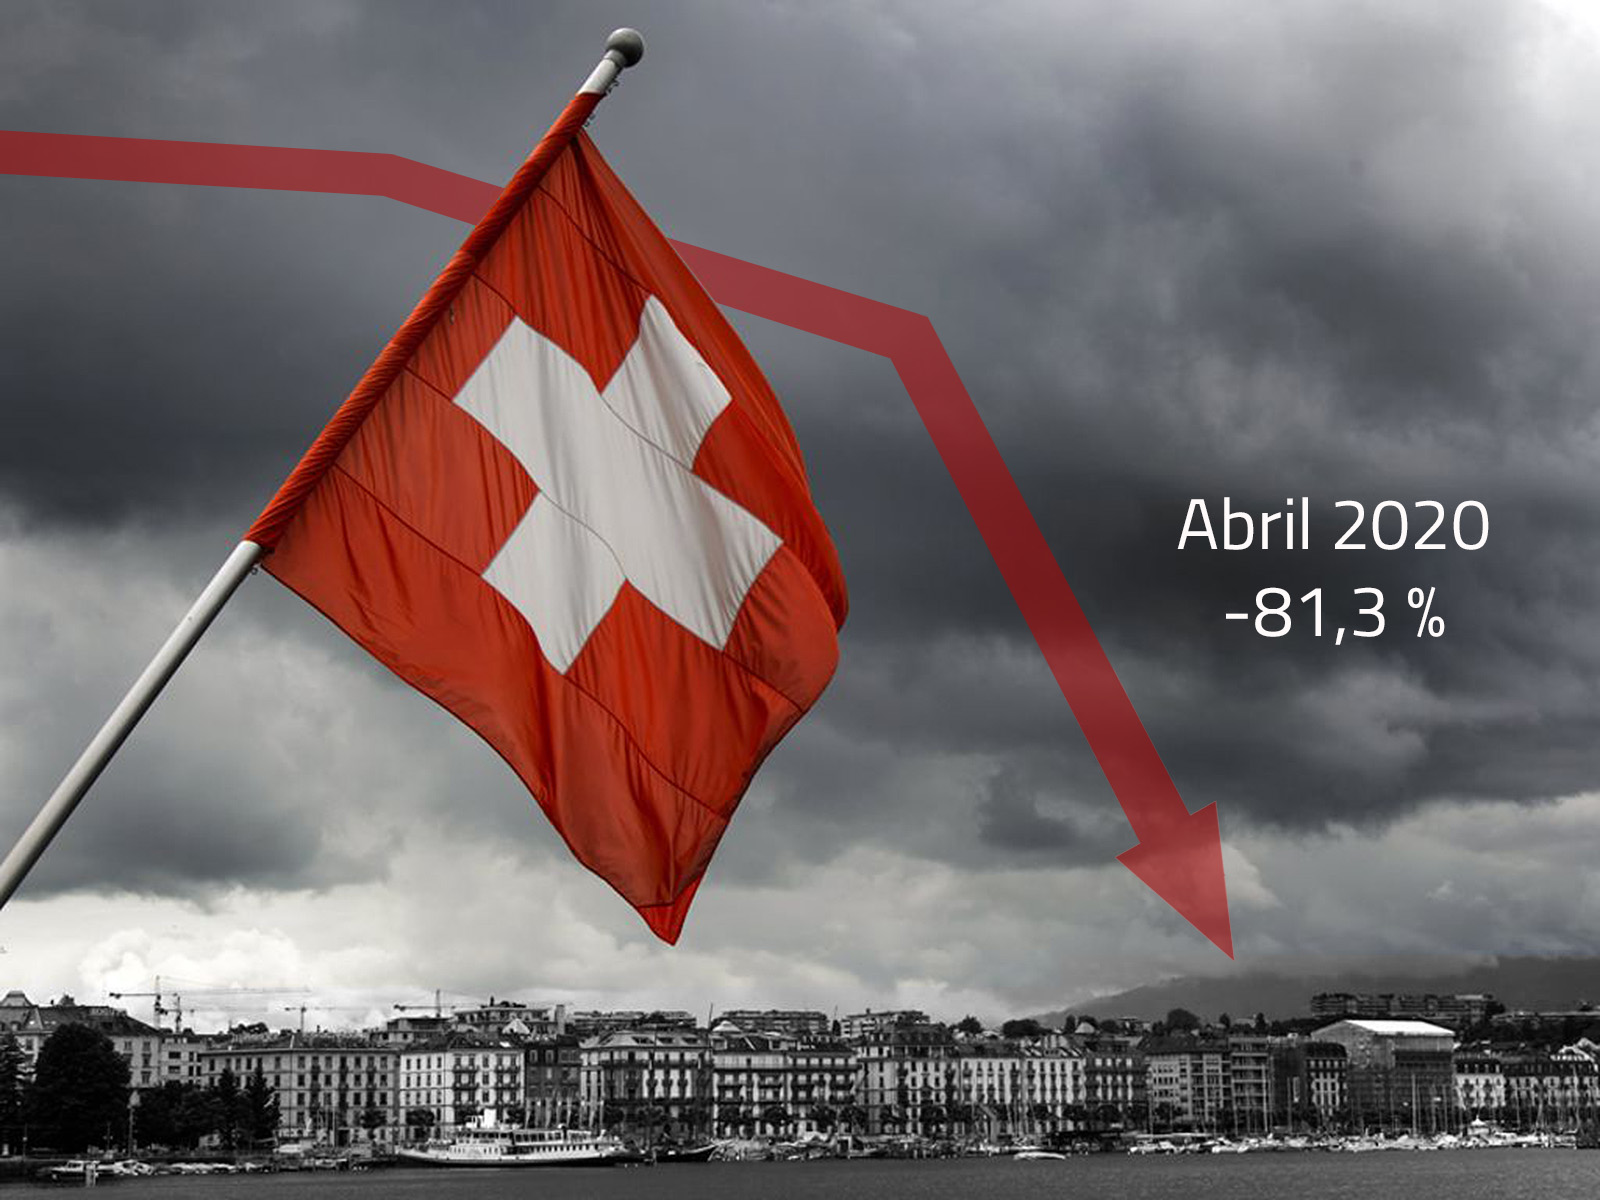 Caída exportaciones relojería suiza abril 2020